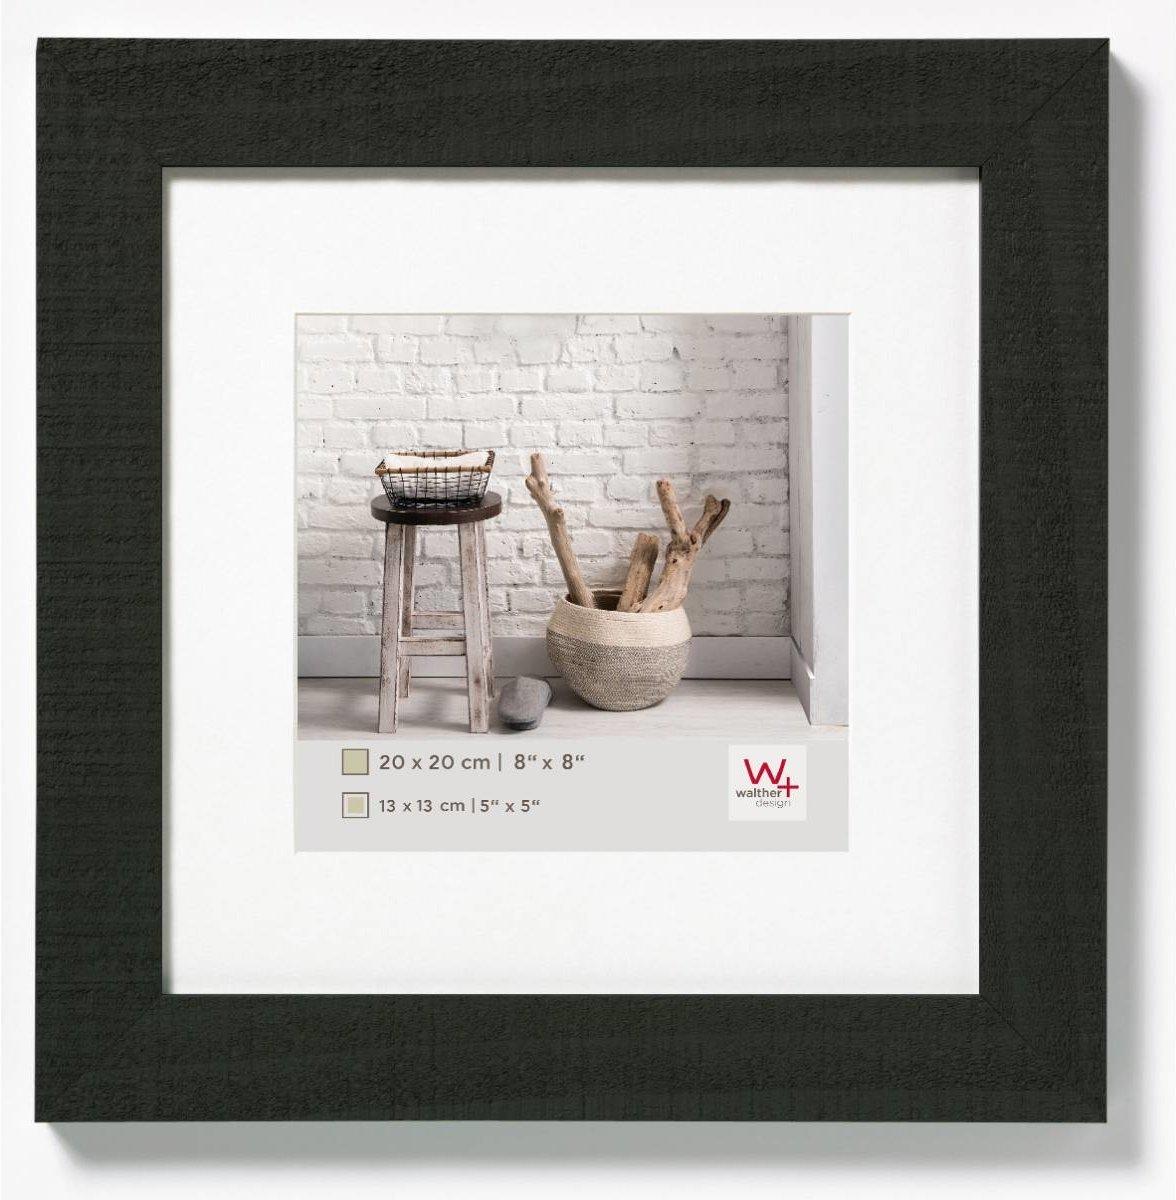 Bolcom Walther Home Fotolijst Fotoformaat 20x20 Cm Zwart